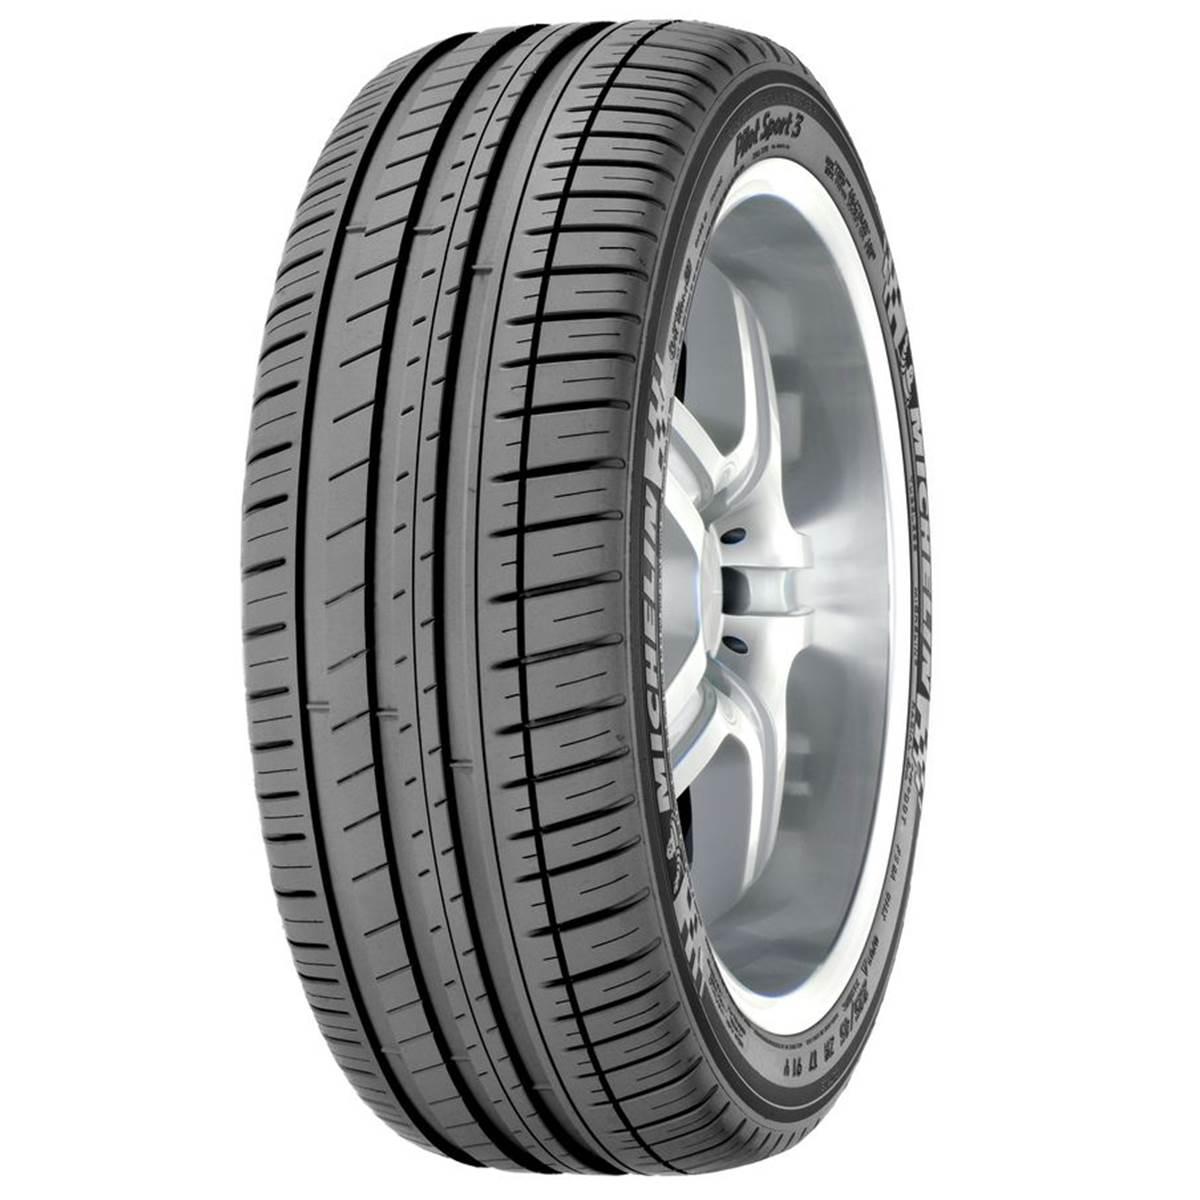 Michelin Pilot Sport PS3 pneu